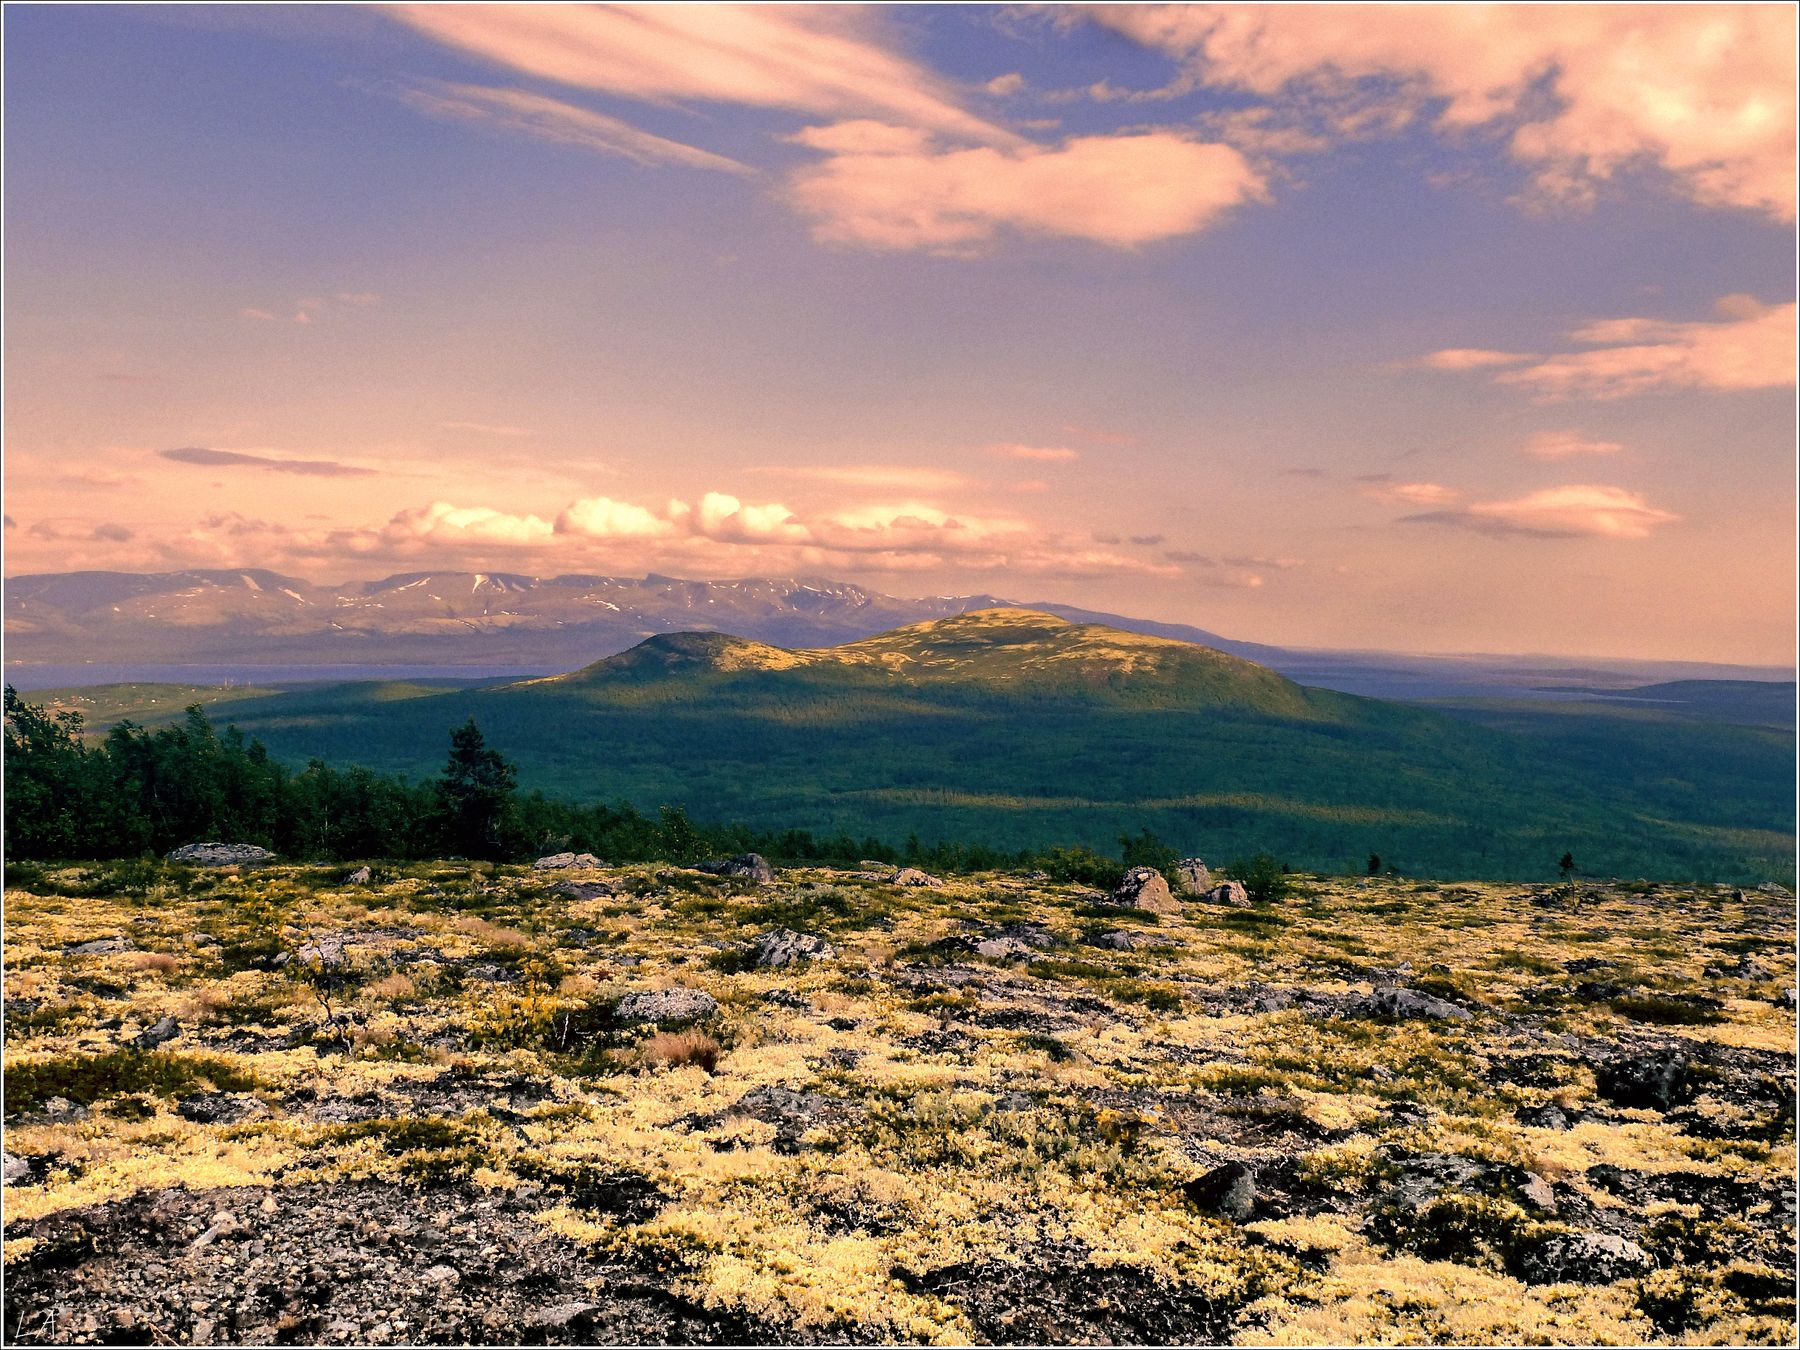 *Лапландский пейзаж* фотография путешествие Кольский полуостров Заполярье Север пейзаж природа Мончетундра Фото.Сайт Светлана Мамакина Lihgra Adventure